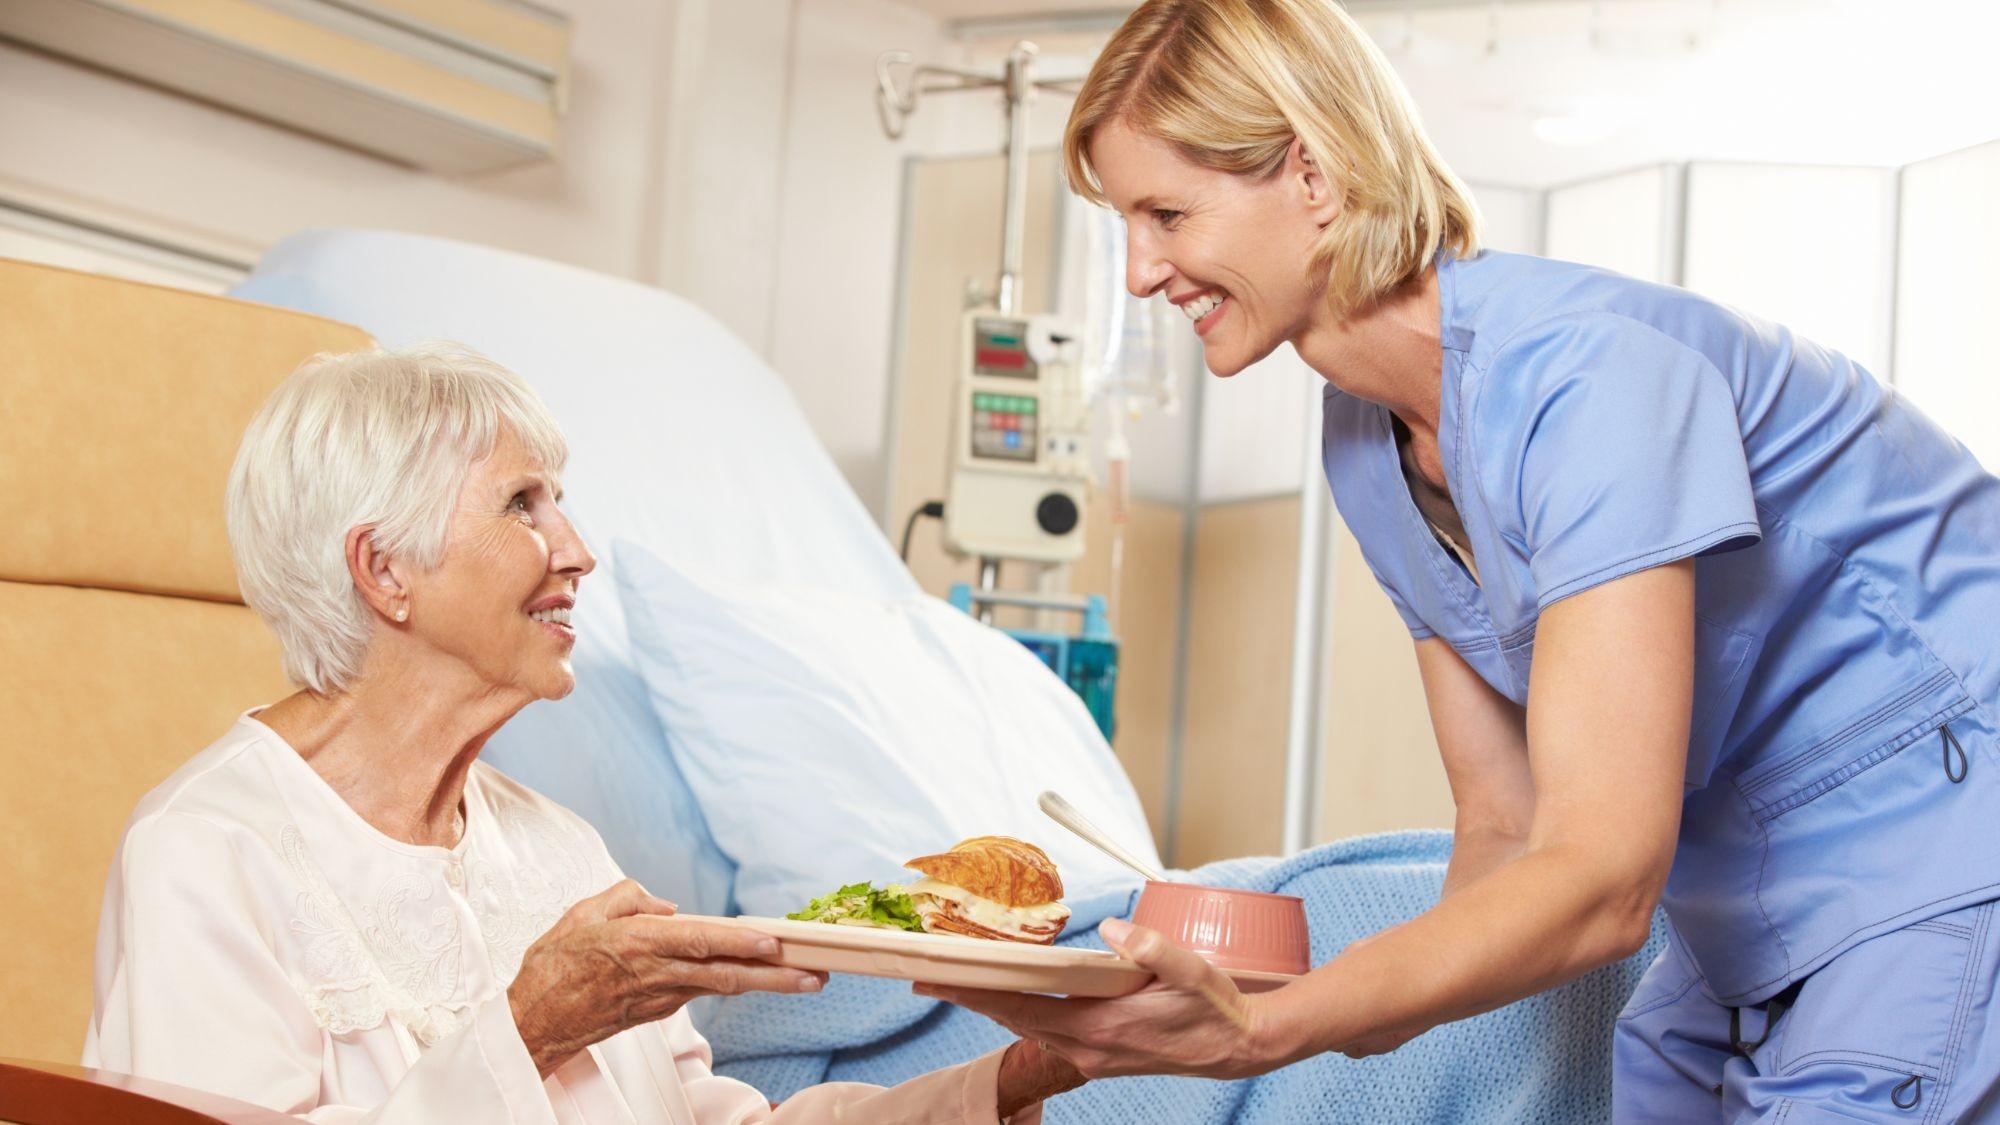 Représentation de la formation : NCL13 - S'adapter aux spécificités de l'alimentation chez la personne âgée